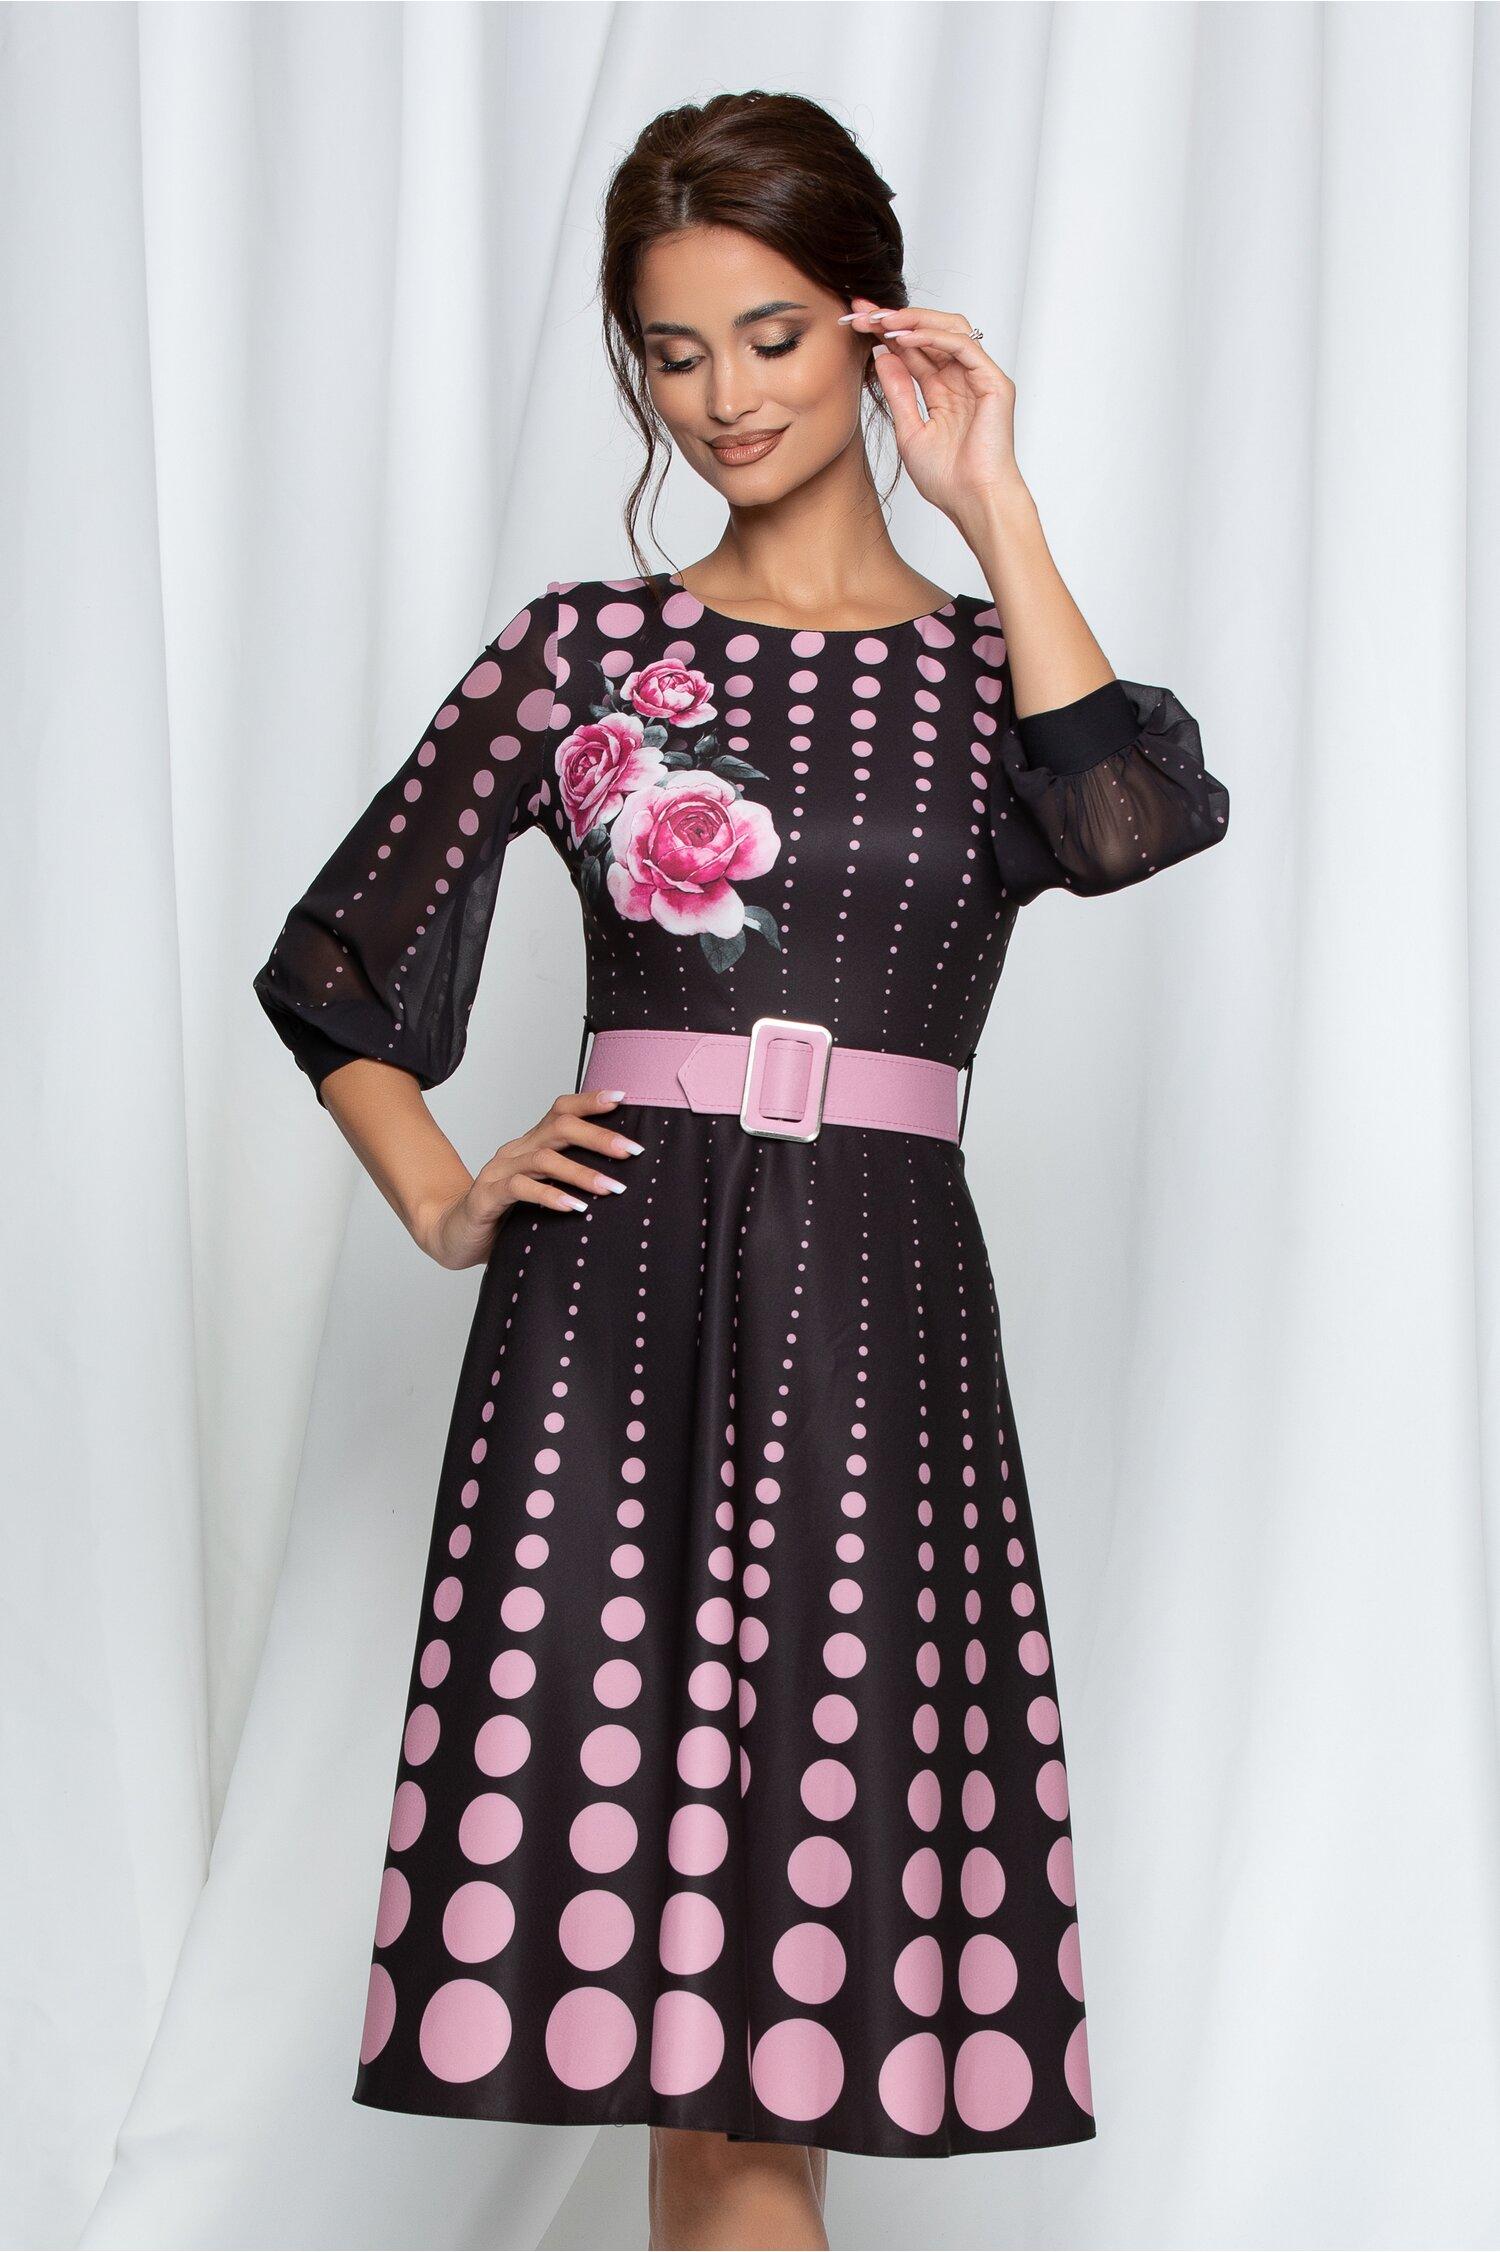 Rochie Alexia neagra cu buline roz